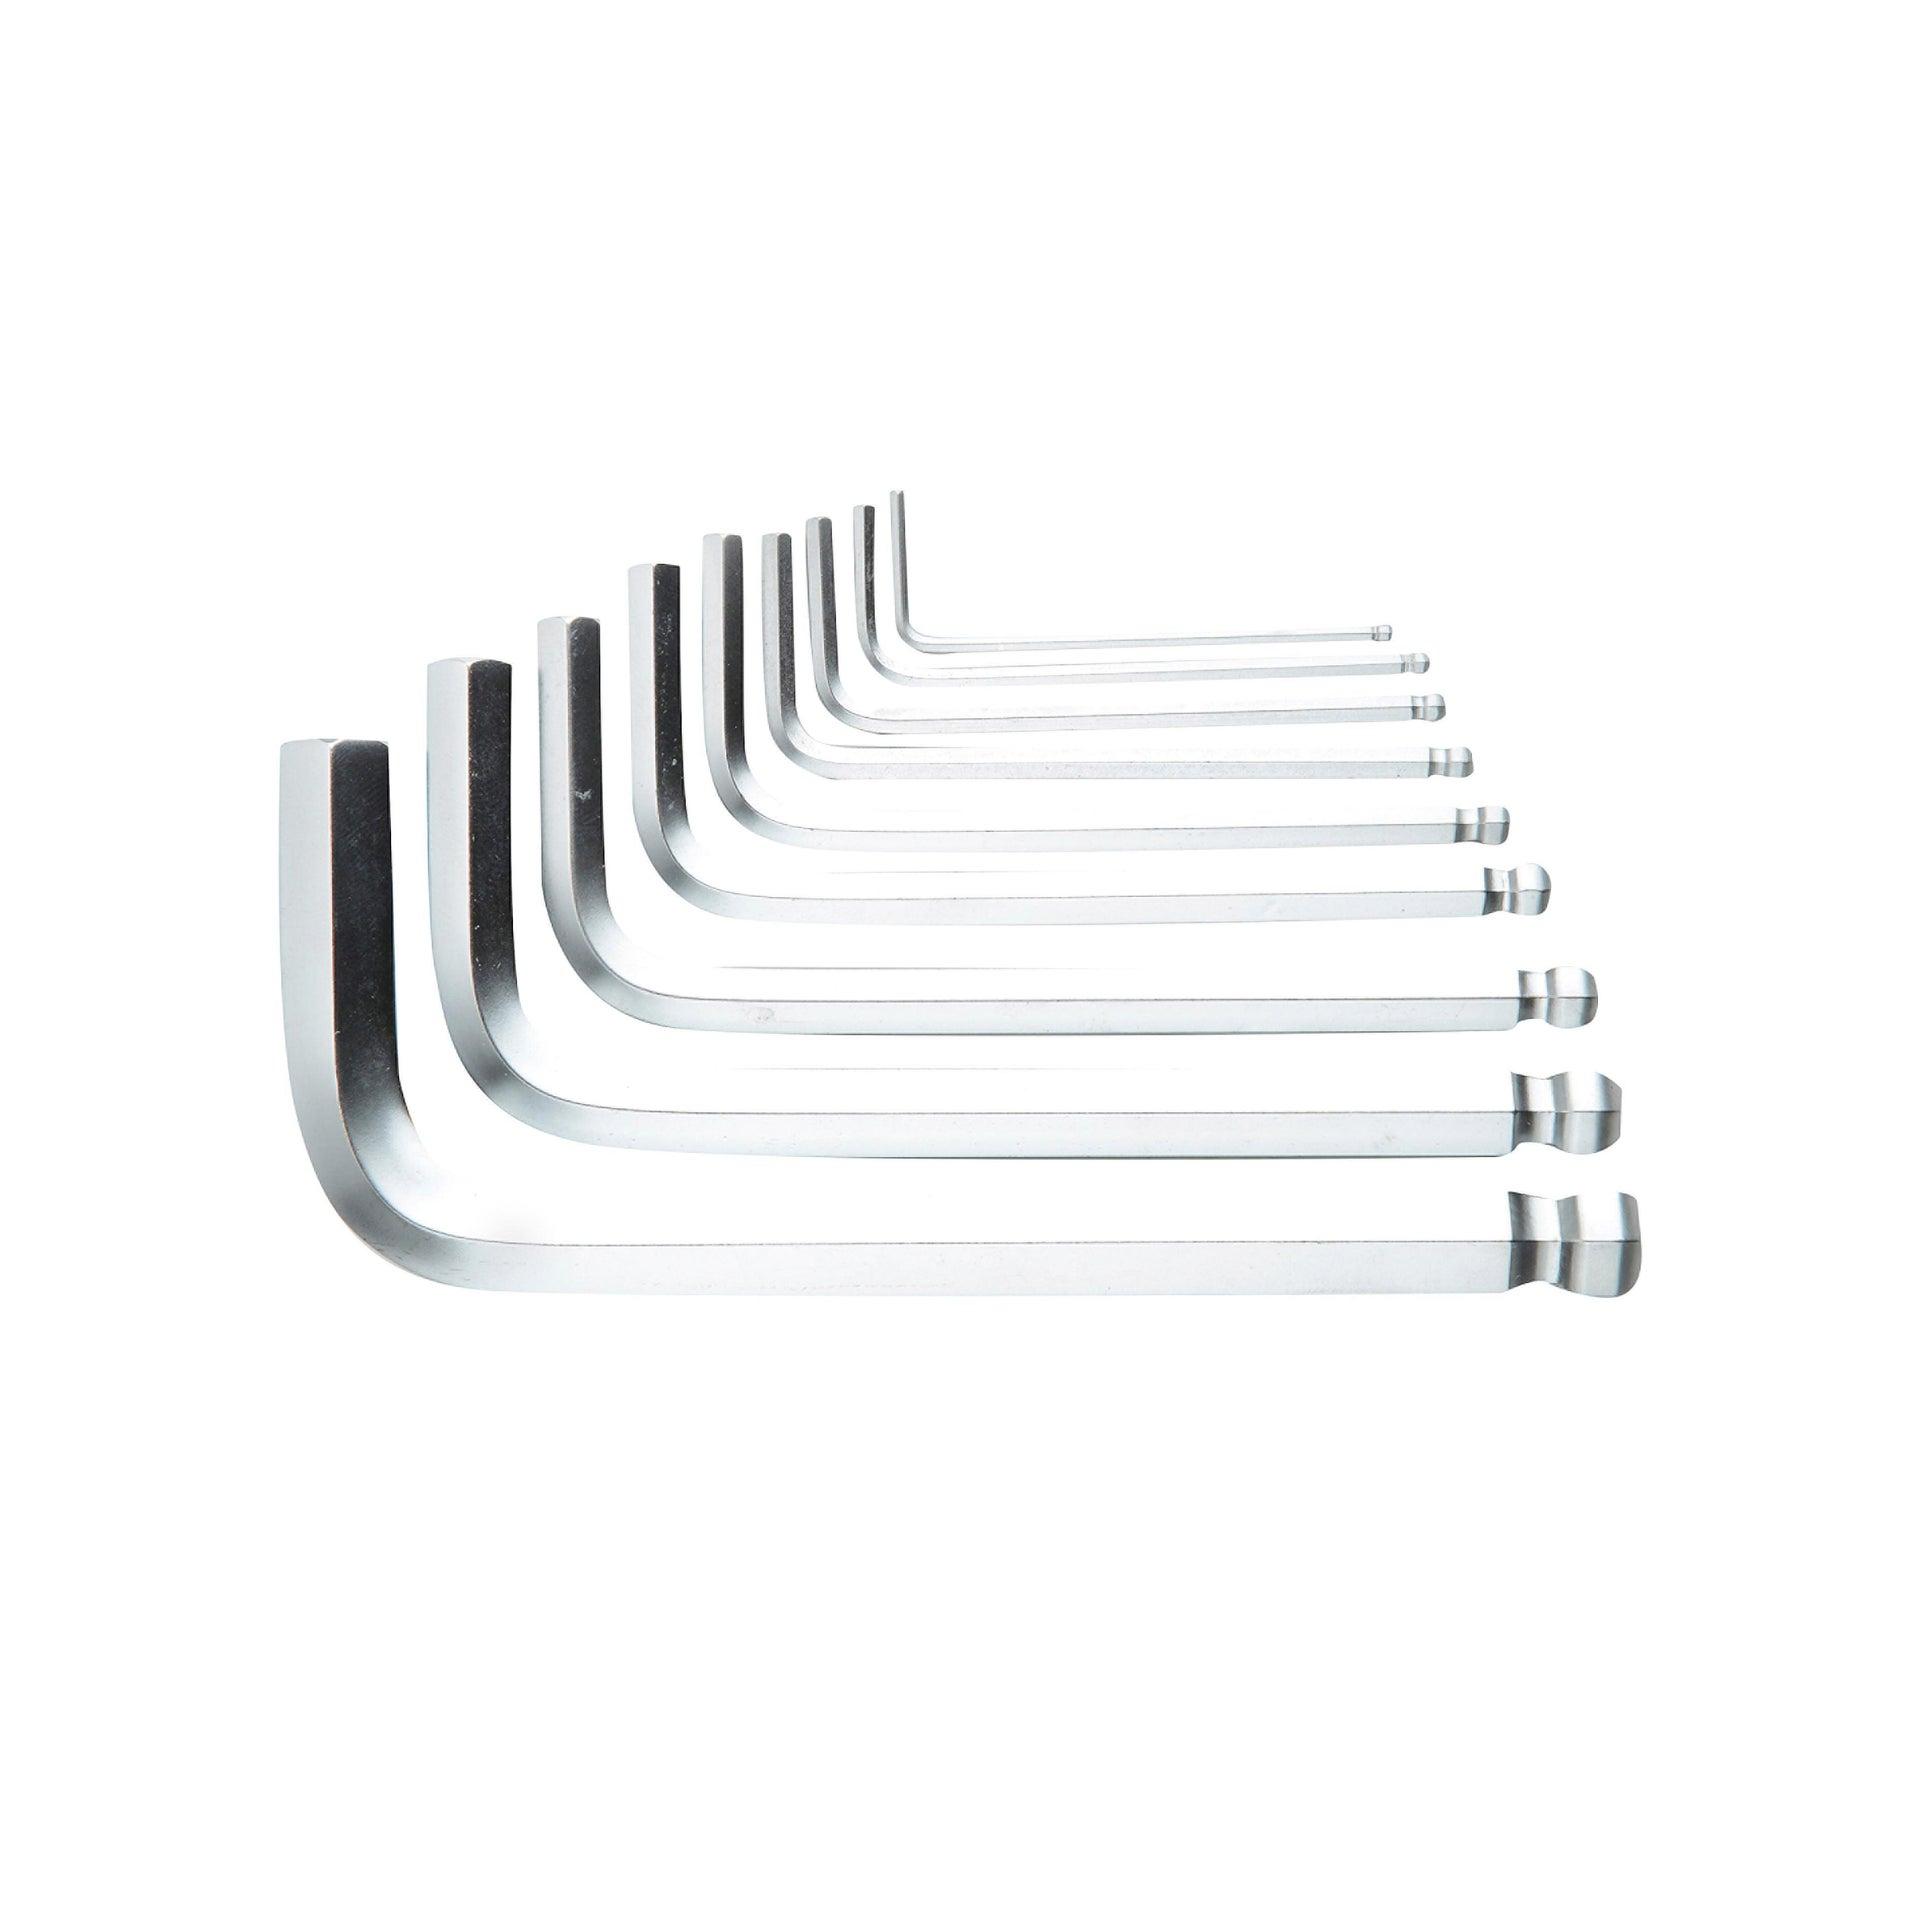 Set di chiave a brugola DEXTER 9 pezzi - 1